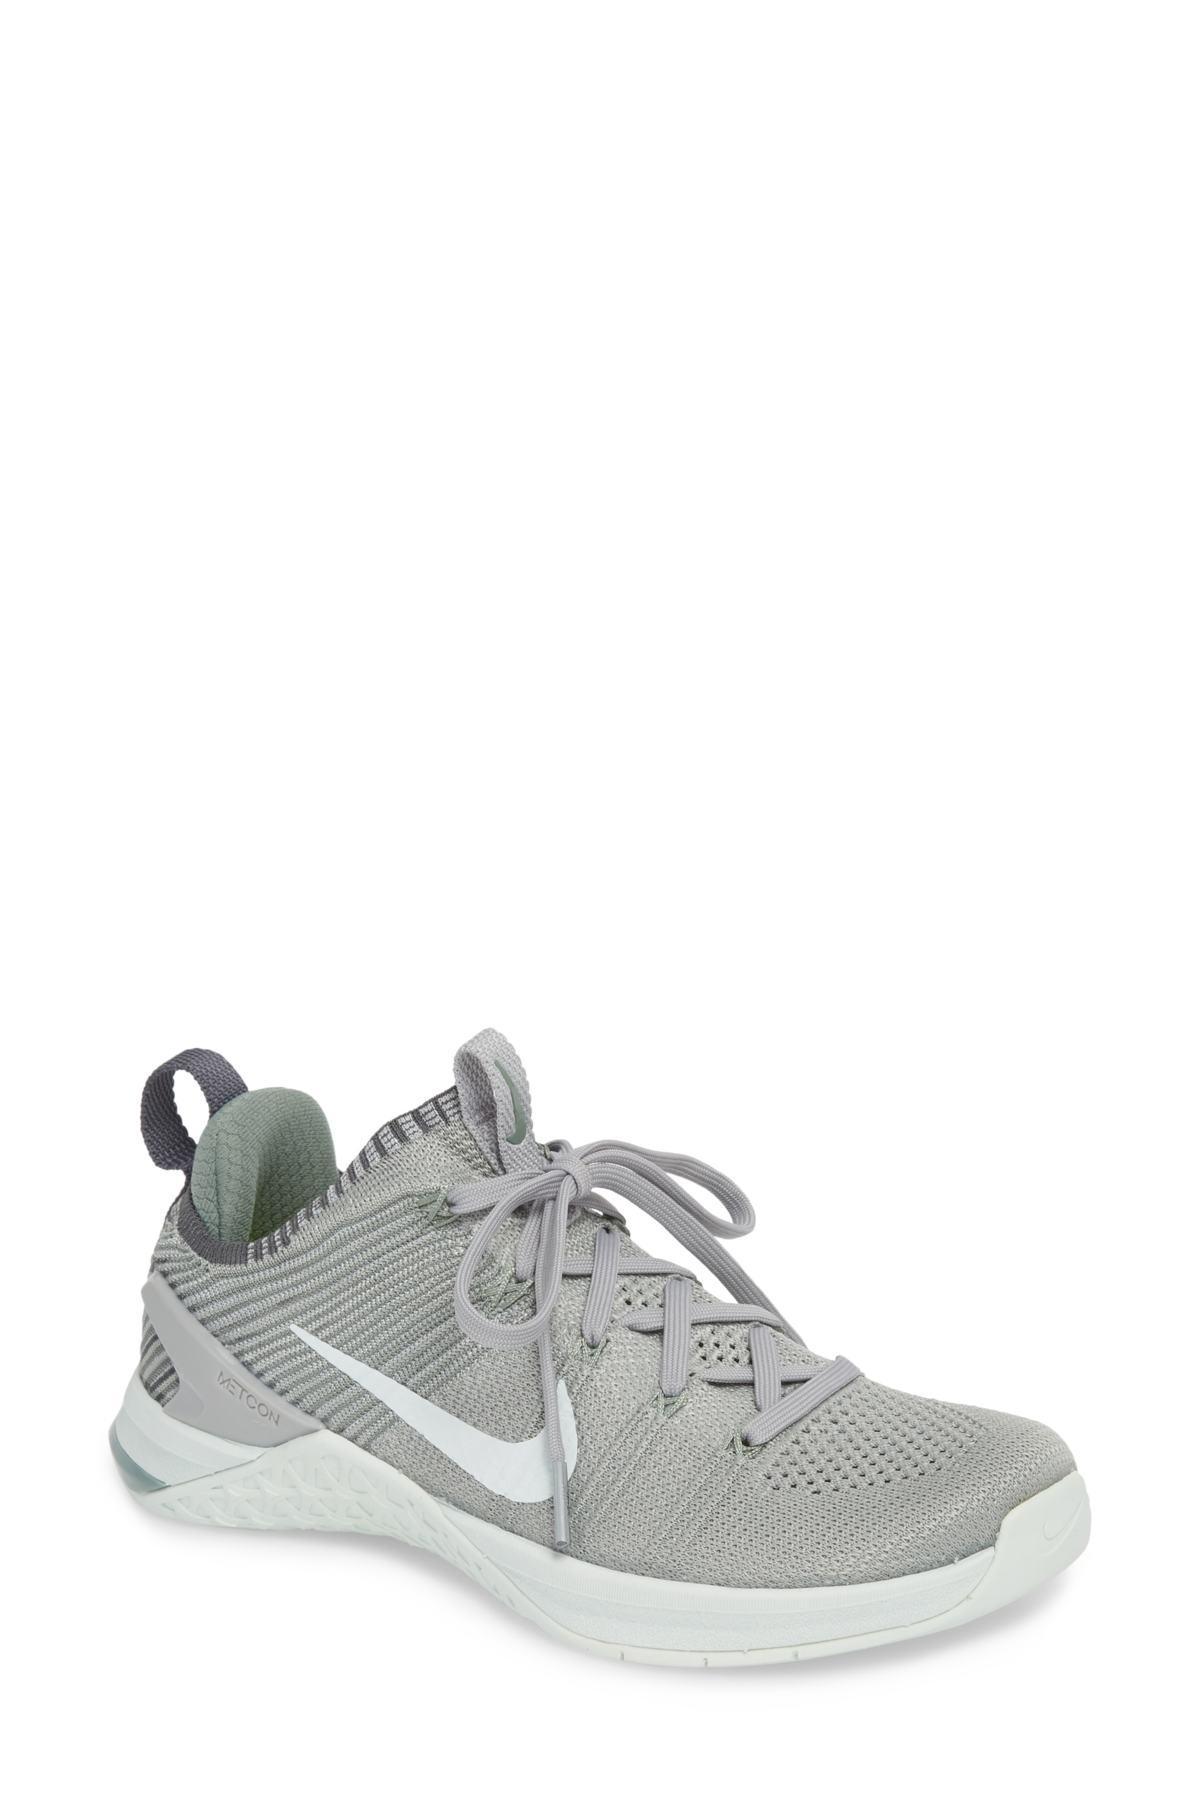 60a40256d4b Lyst - Nike Metcon Dsx Flyknit 2 Training Shoe (women) in White